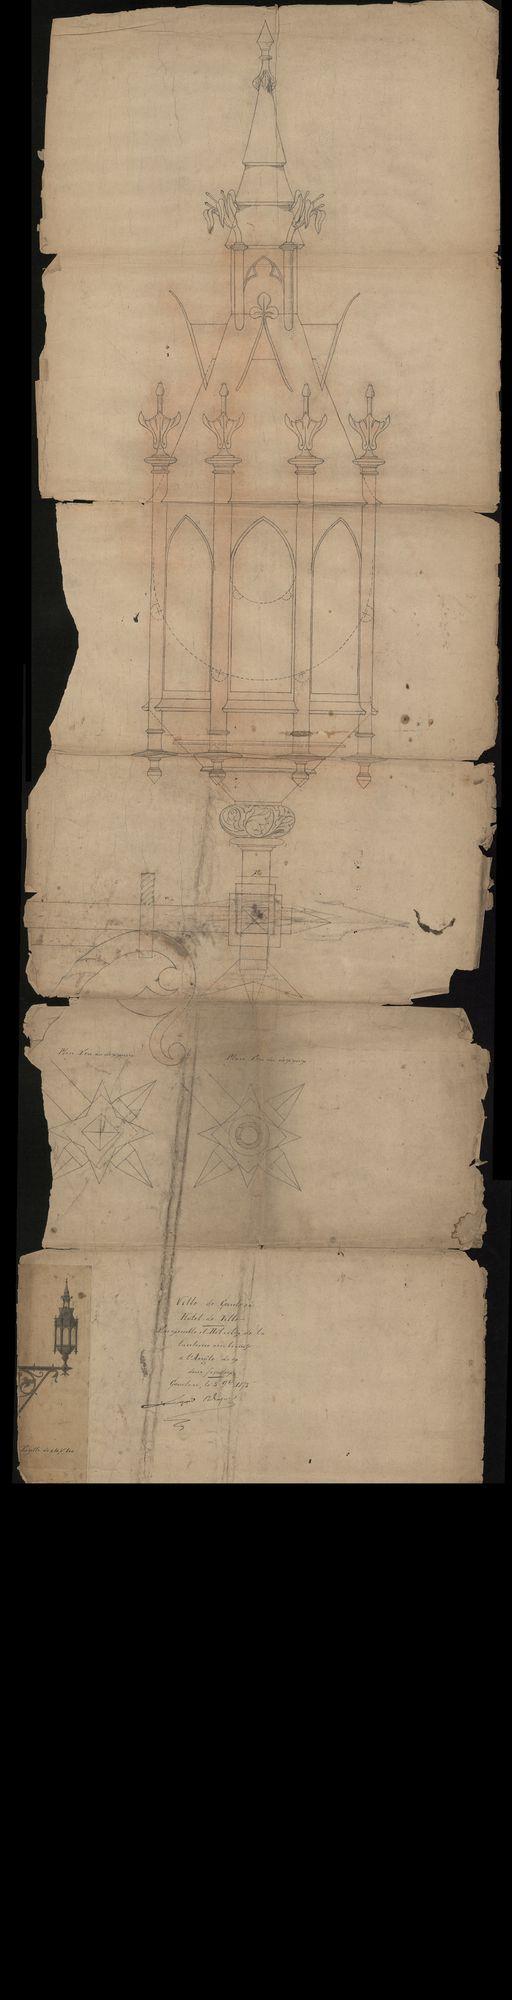 Figuratief bouwplan van de toren van het stadhuis te Kortrijk, 19de eeuw